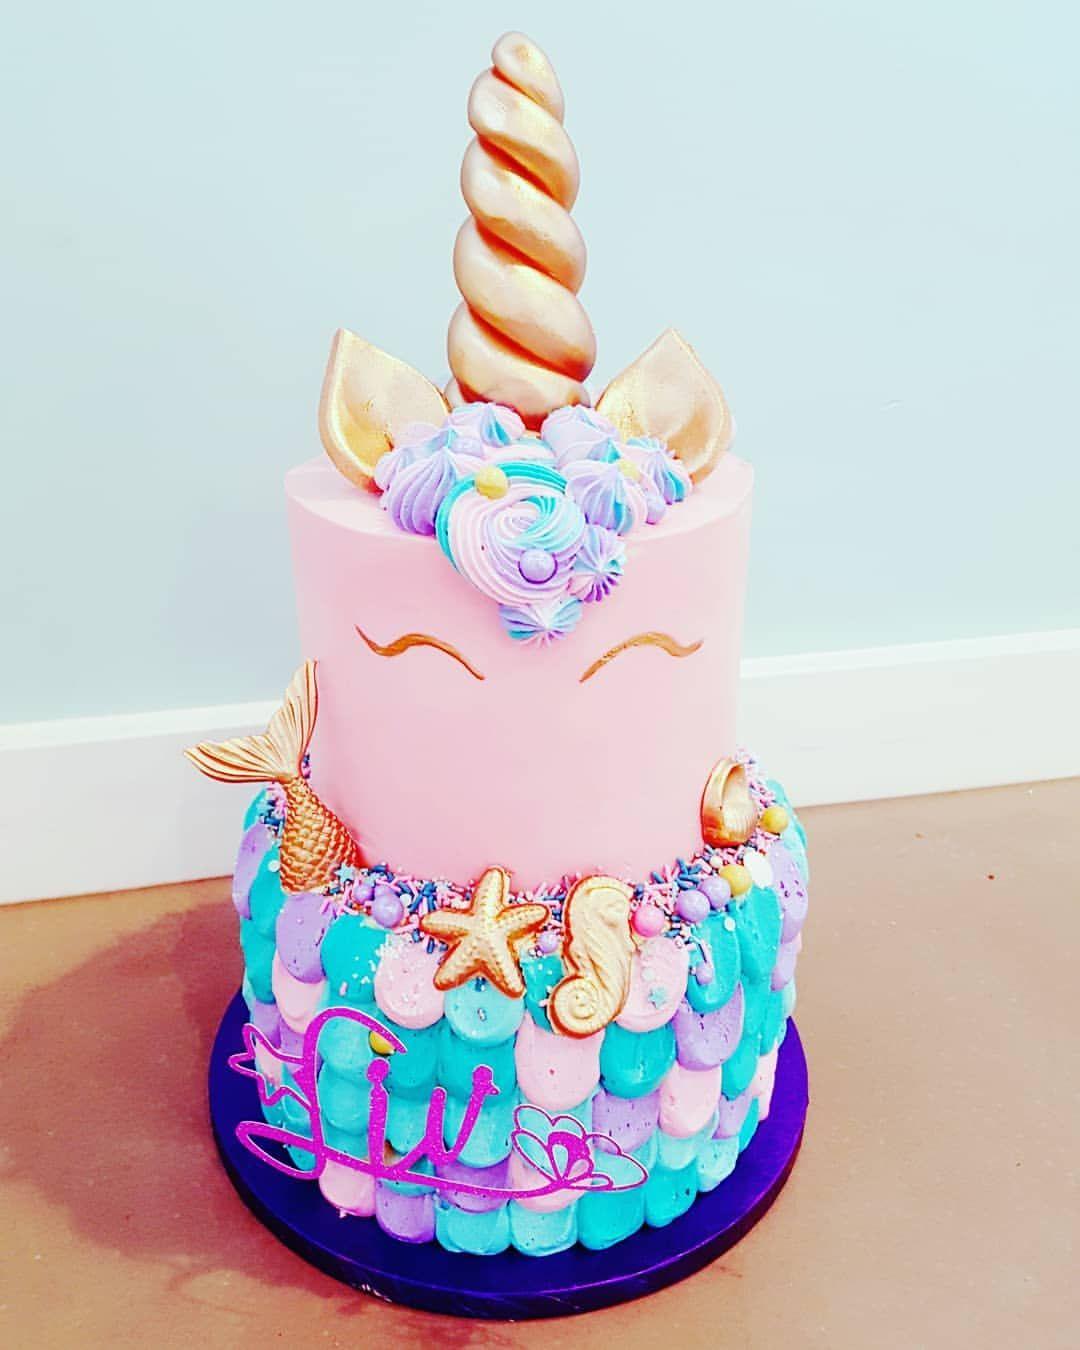 Toddler Birthday Cakes Beauty Voor Als Je Niet Kunt Kiezen Tussen Een Zeemeerminnen Of Unicorn Taart